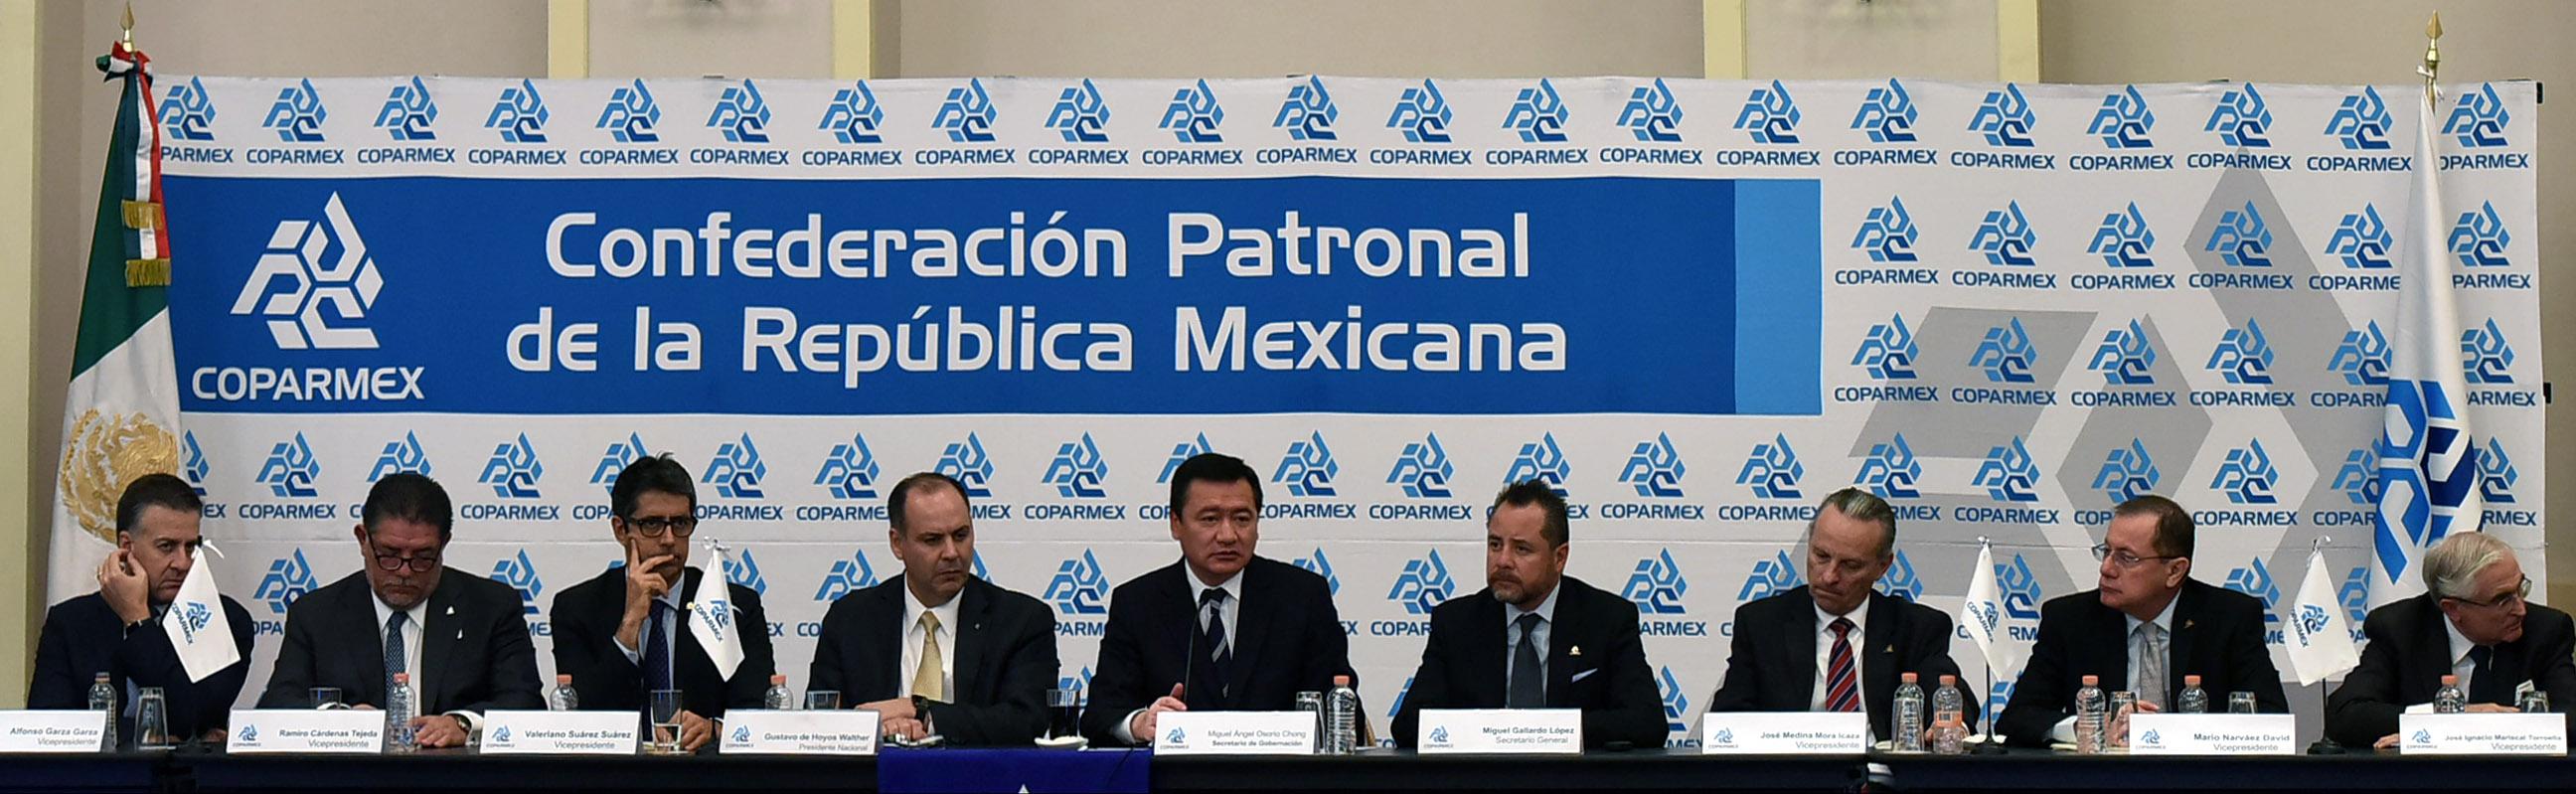 Confederación Patronal de la República Mexicana